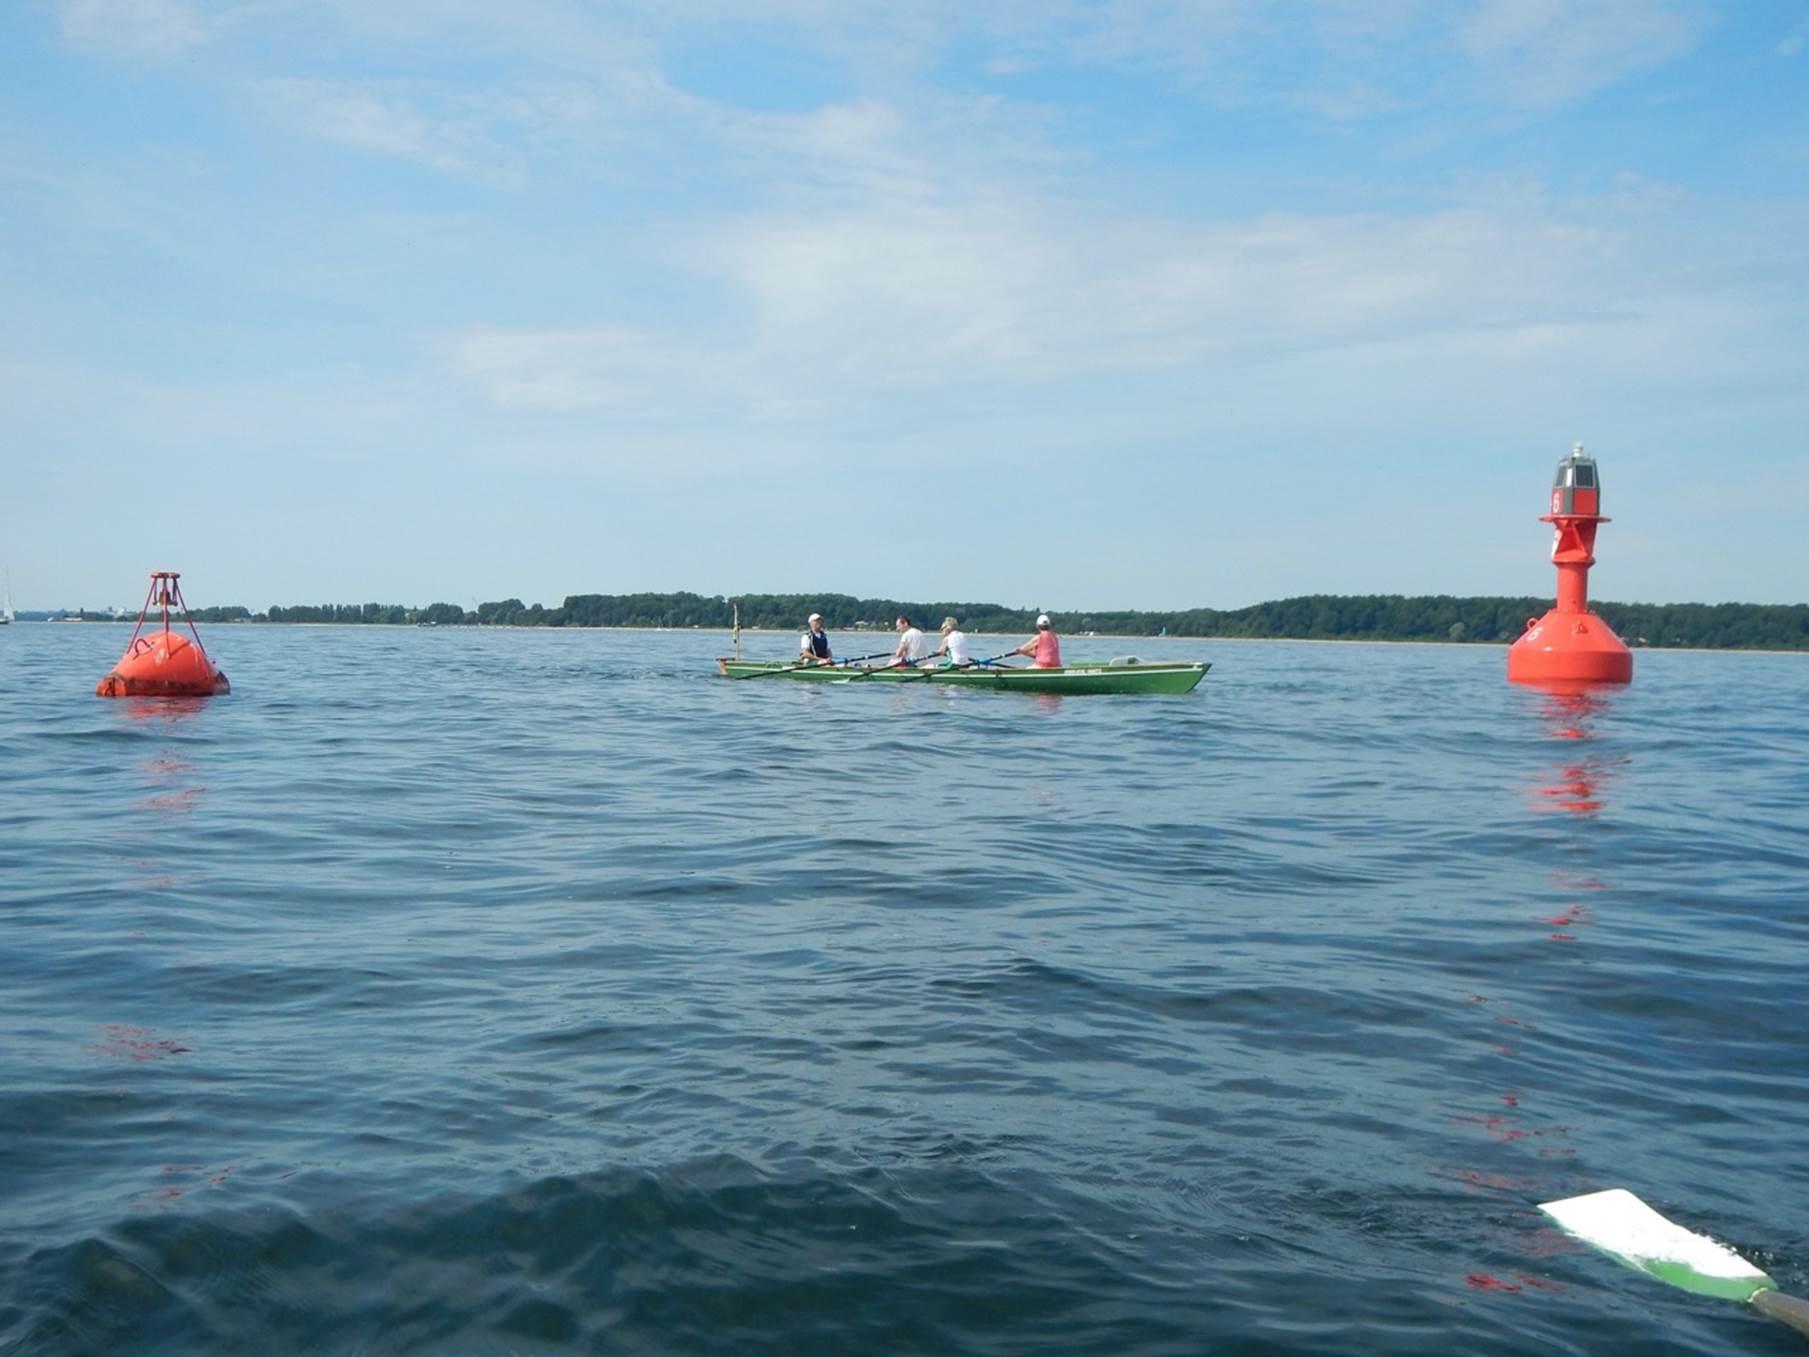 Vier Personen in einem Ruderboot, dass auf dem Wasser zwischen zwei roten Tonnen liegt